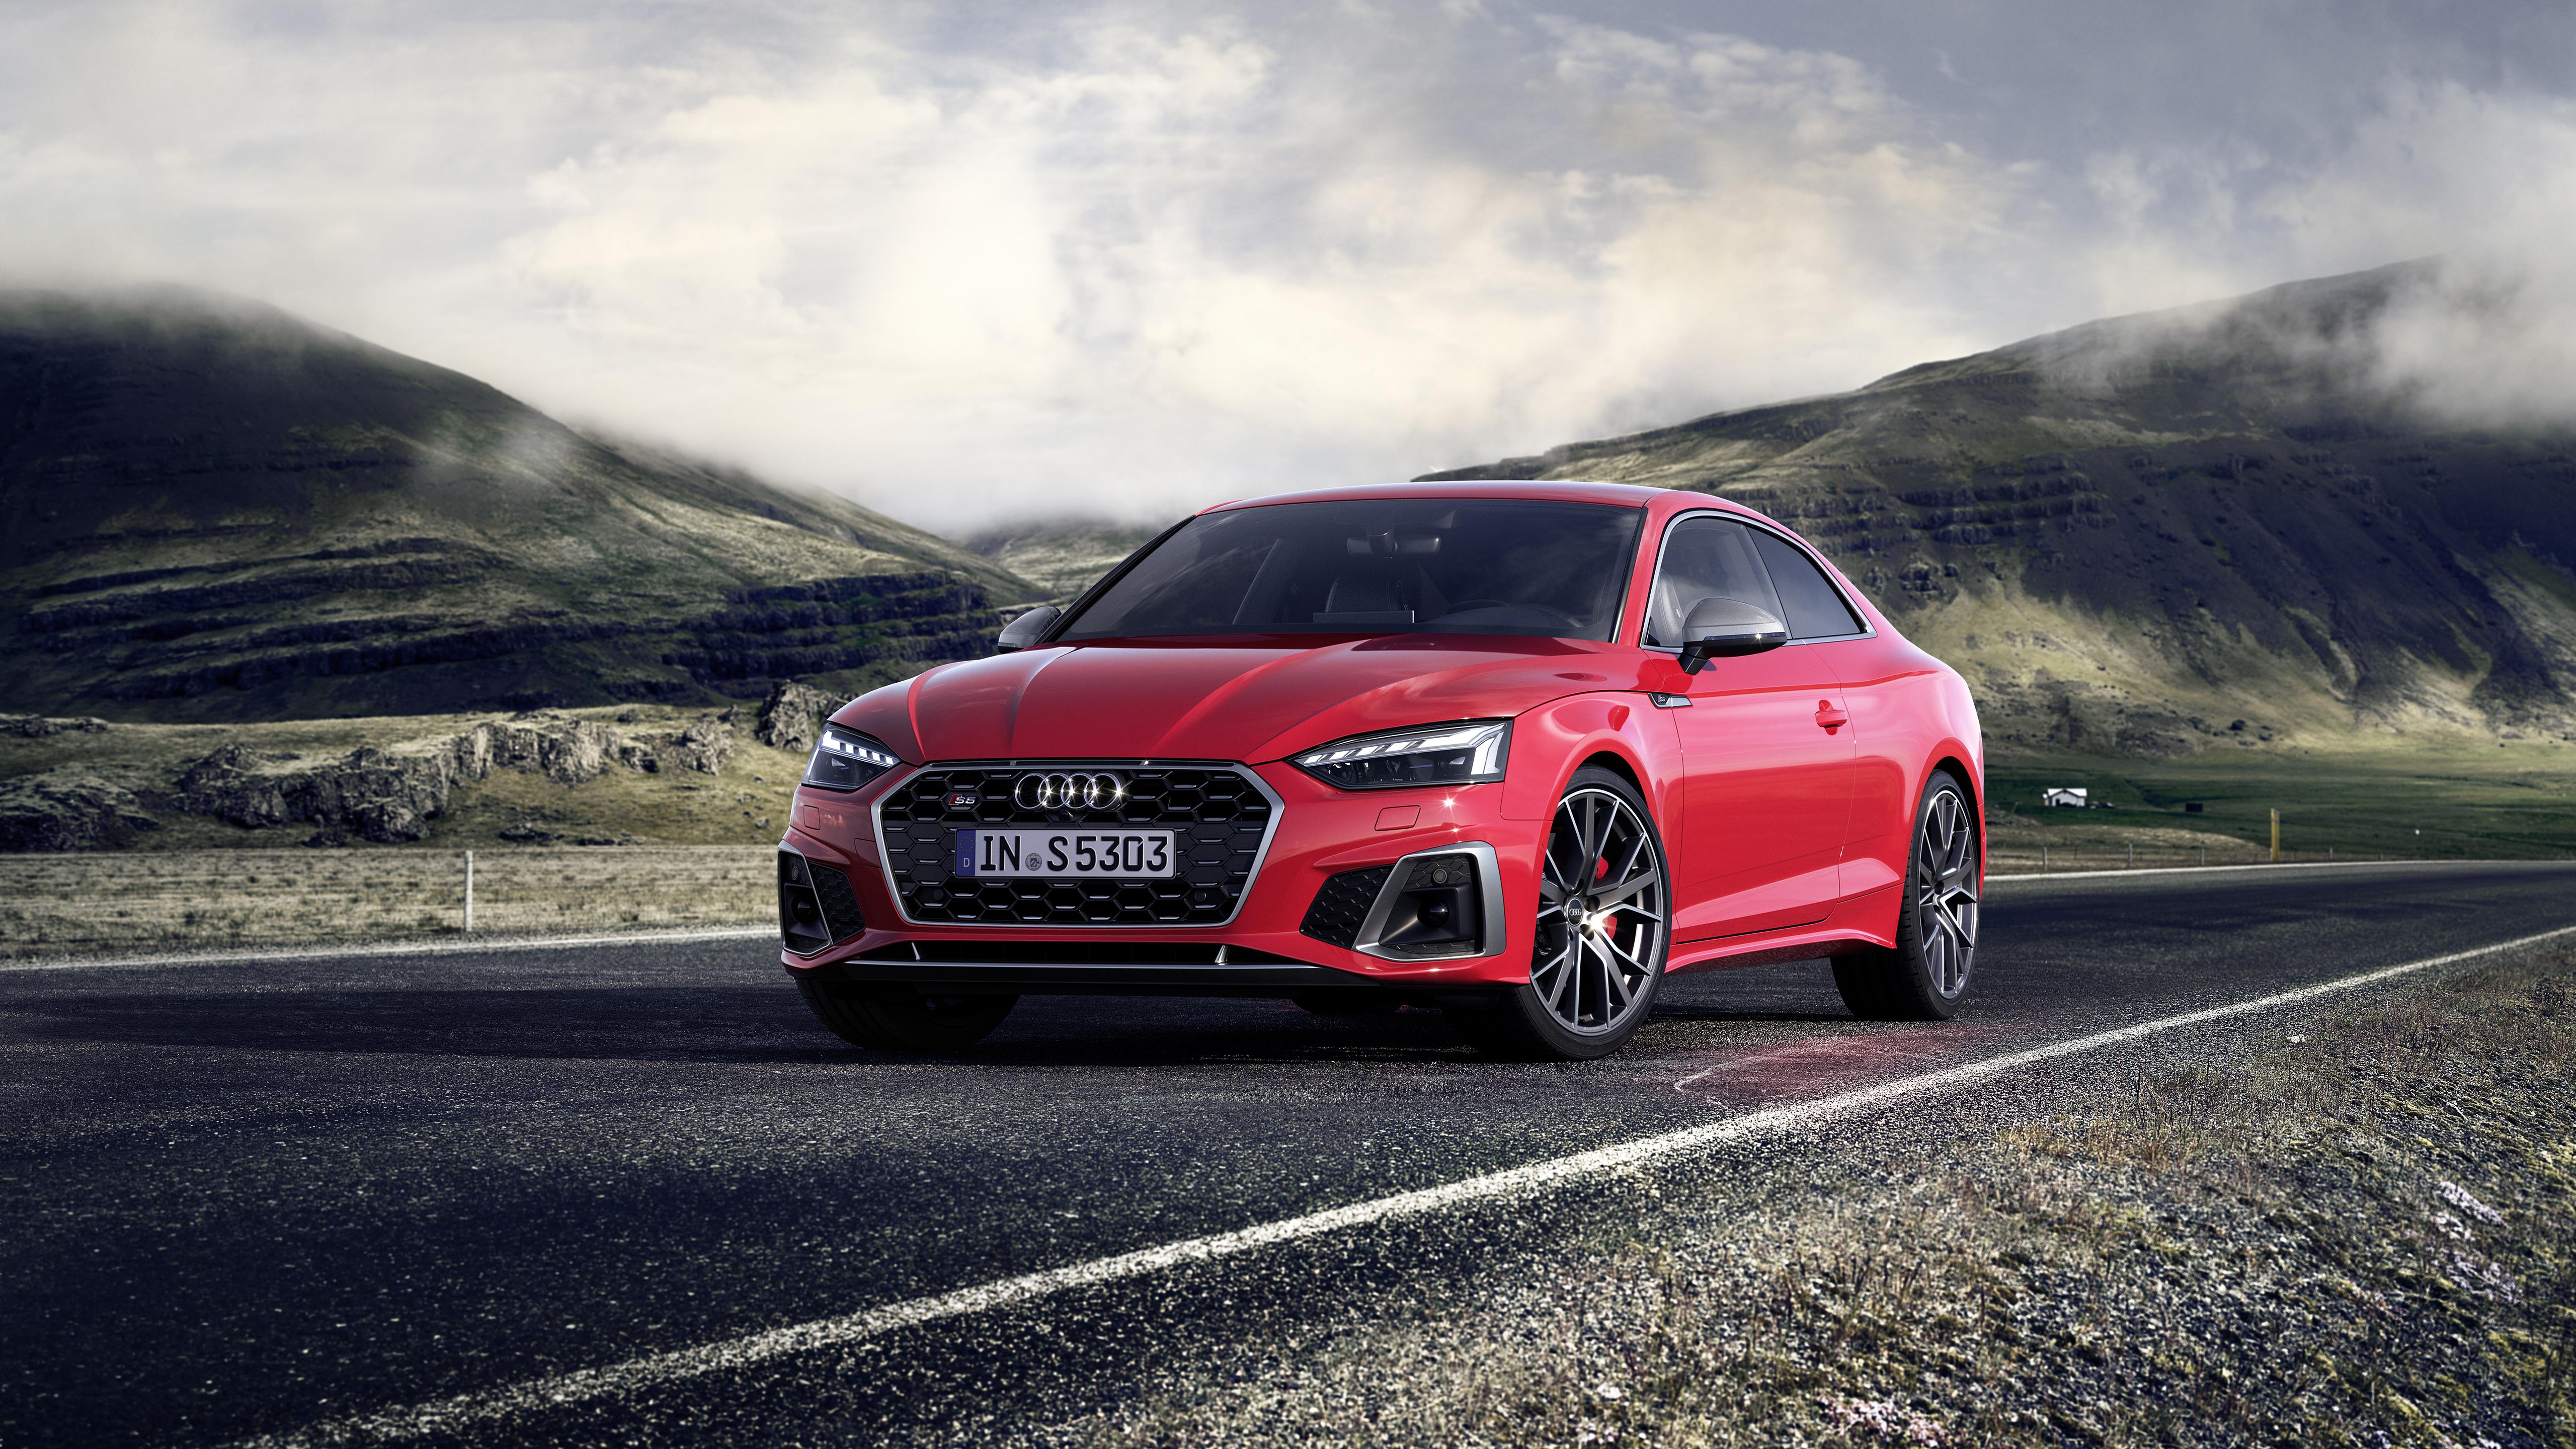 Audi S5 Coupe TDI 2019 4K Wallpaper   HD Car Wallpapers ...